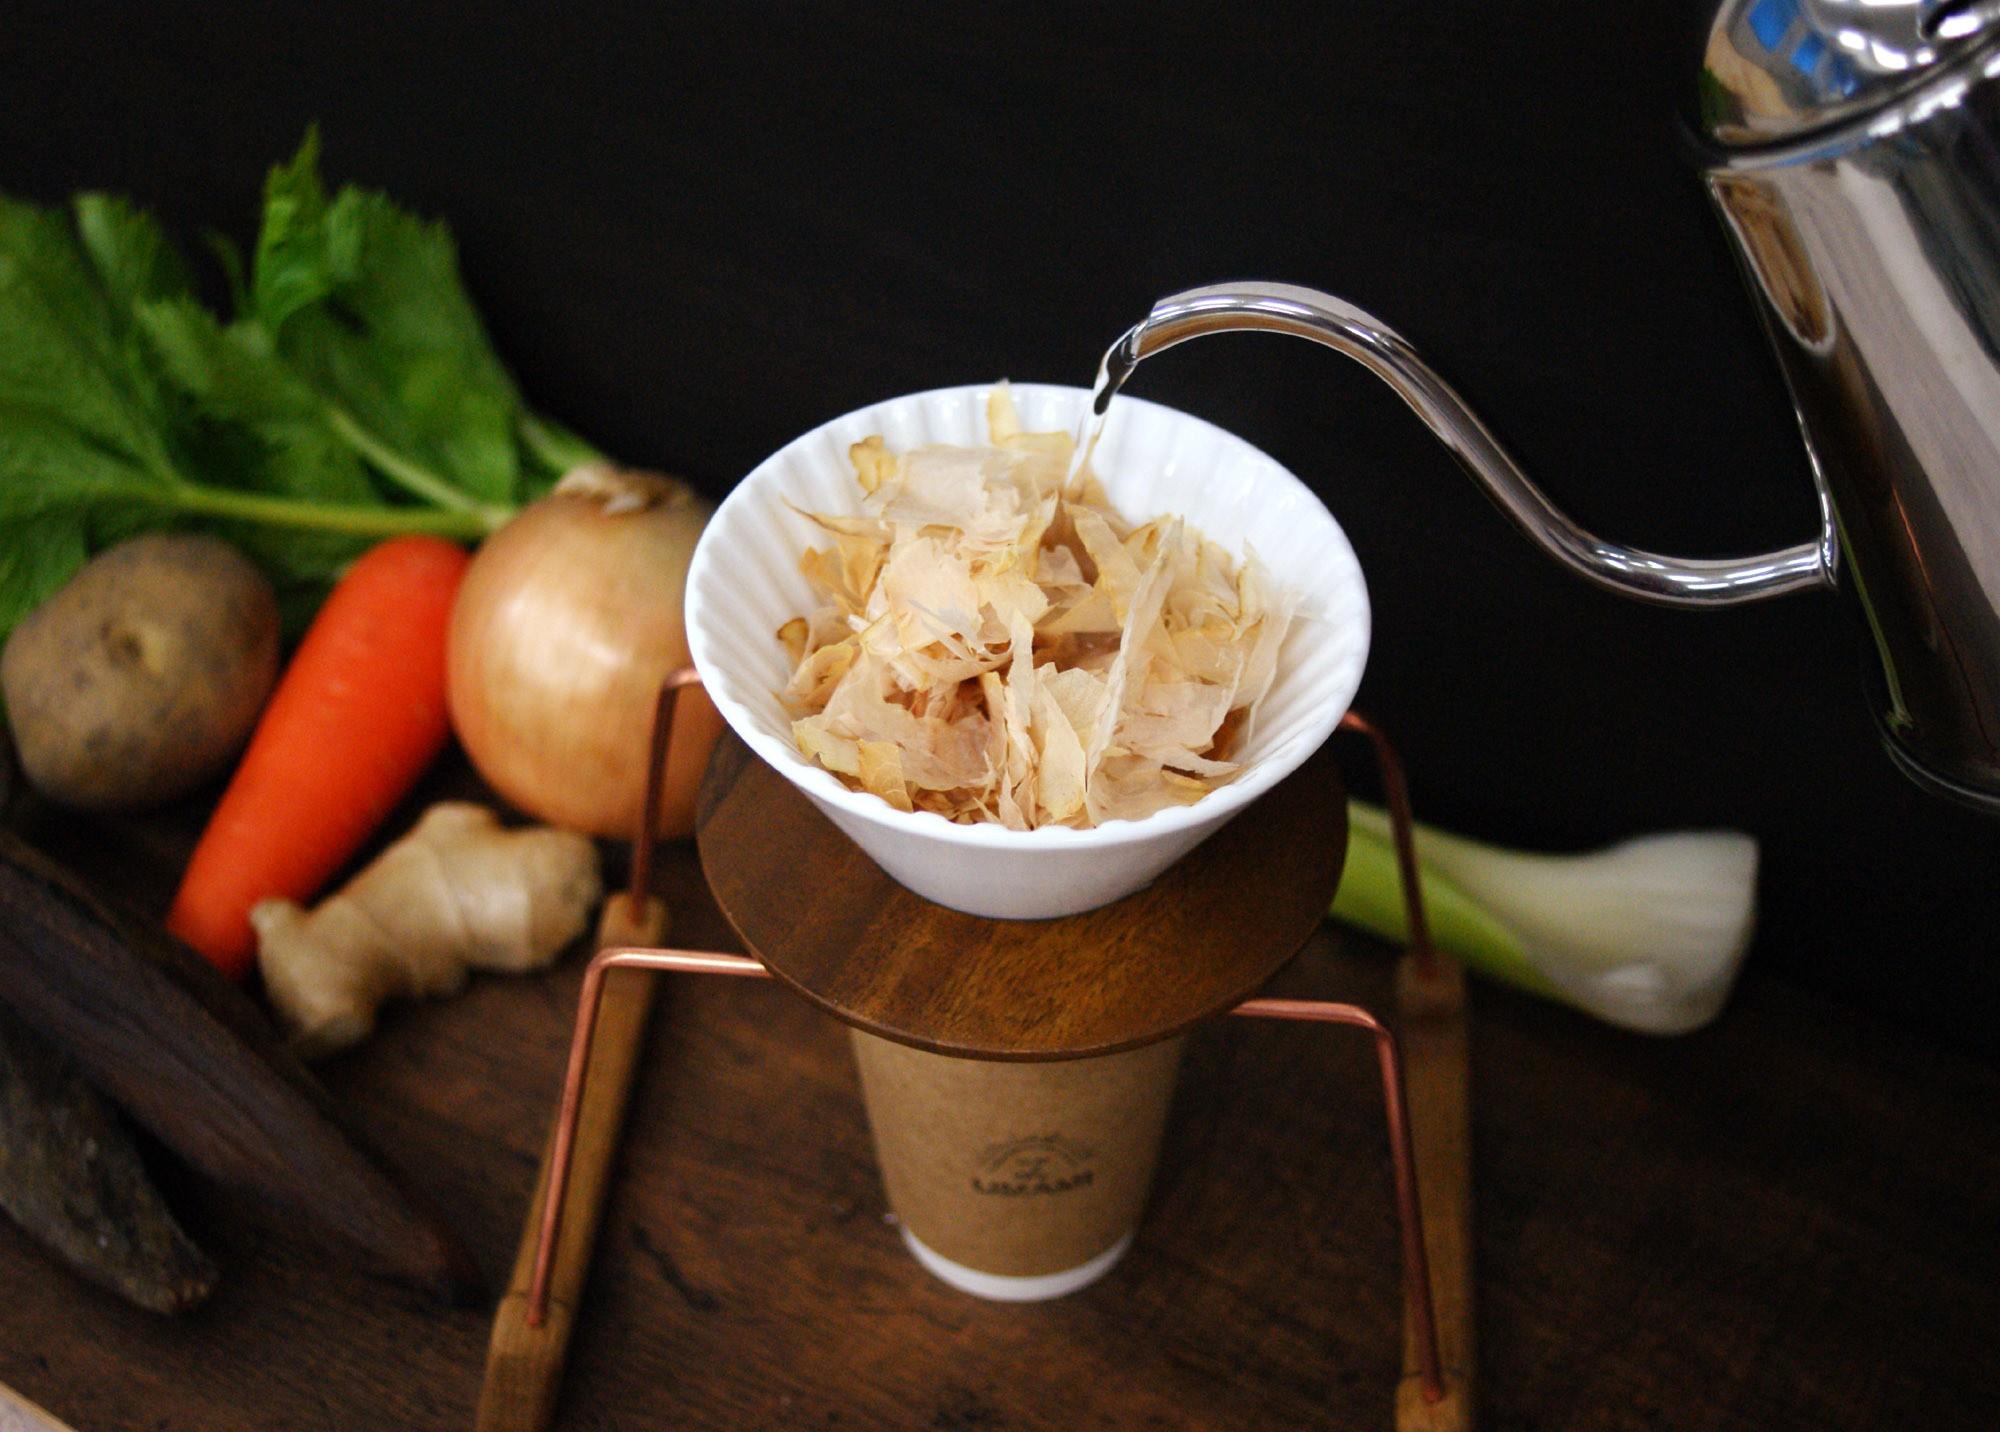 Nhật Bản có một món đồ uống nhìn qua tưởng là cà phê mà hoá ra không phải - Ảnh 3.